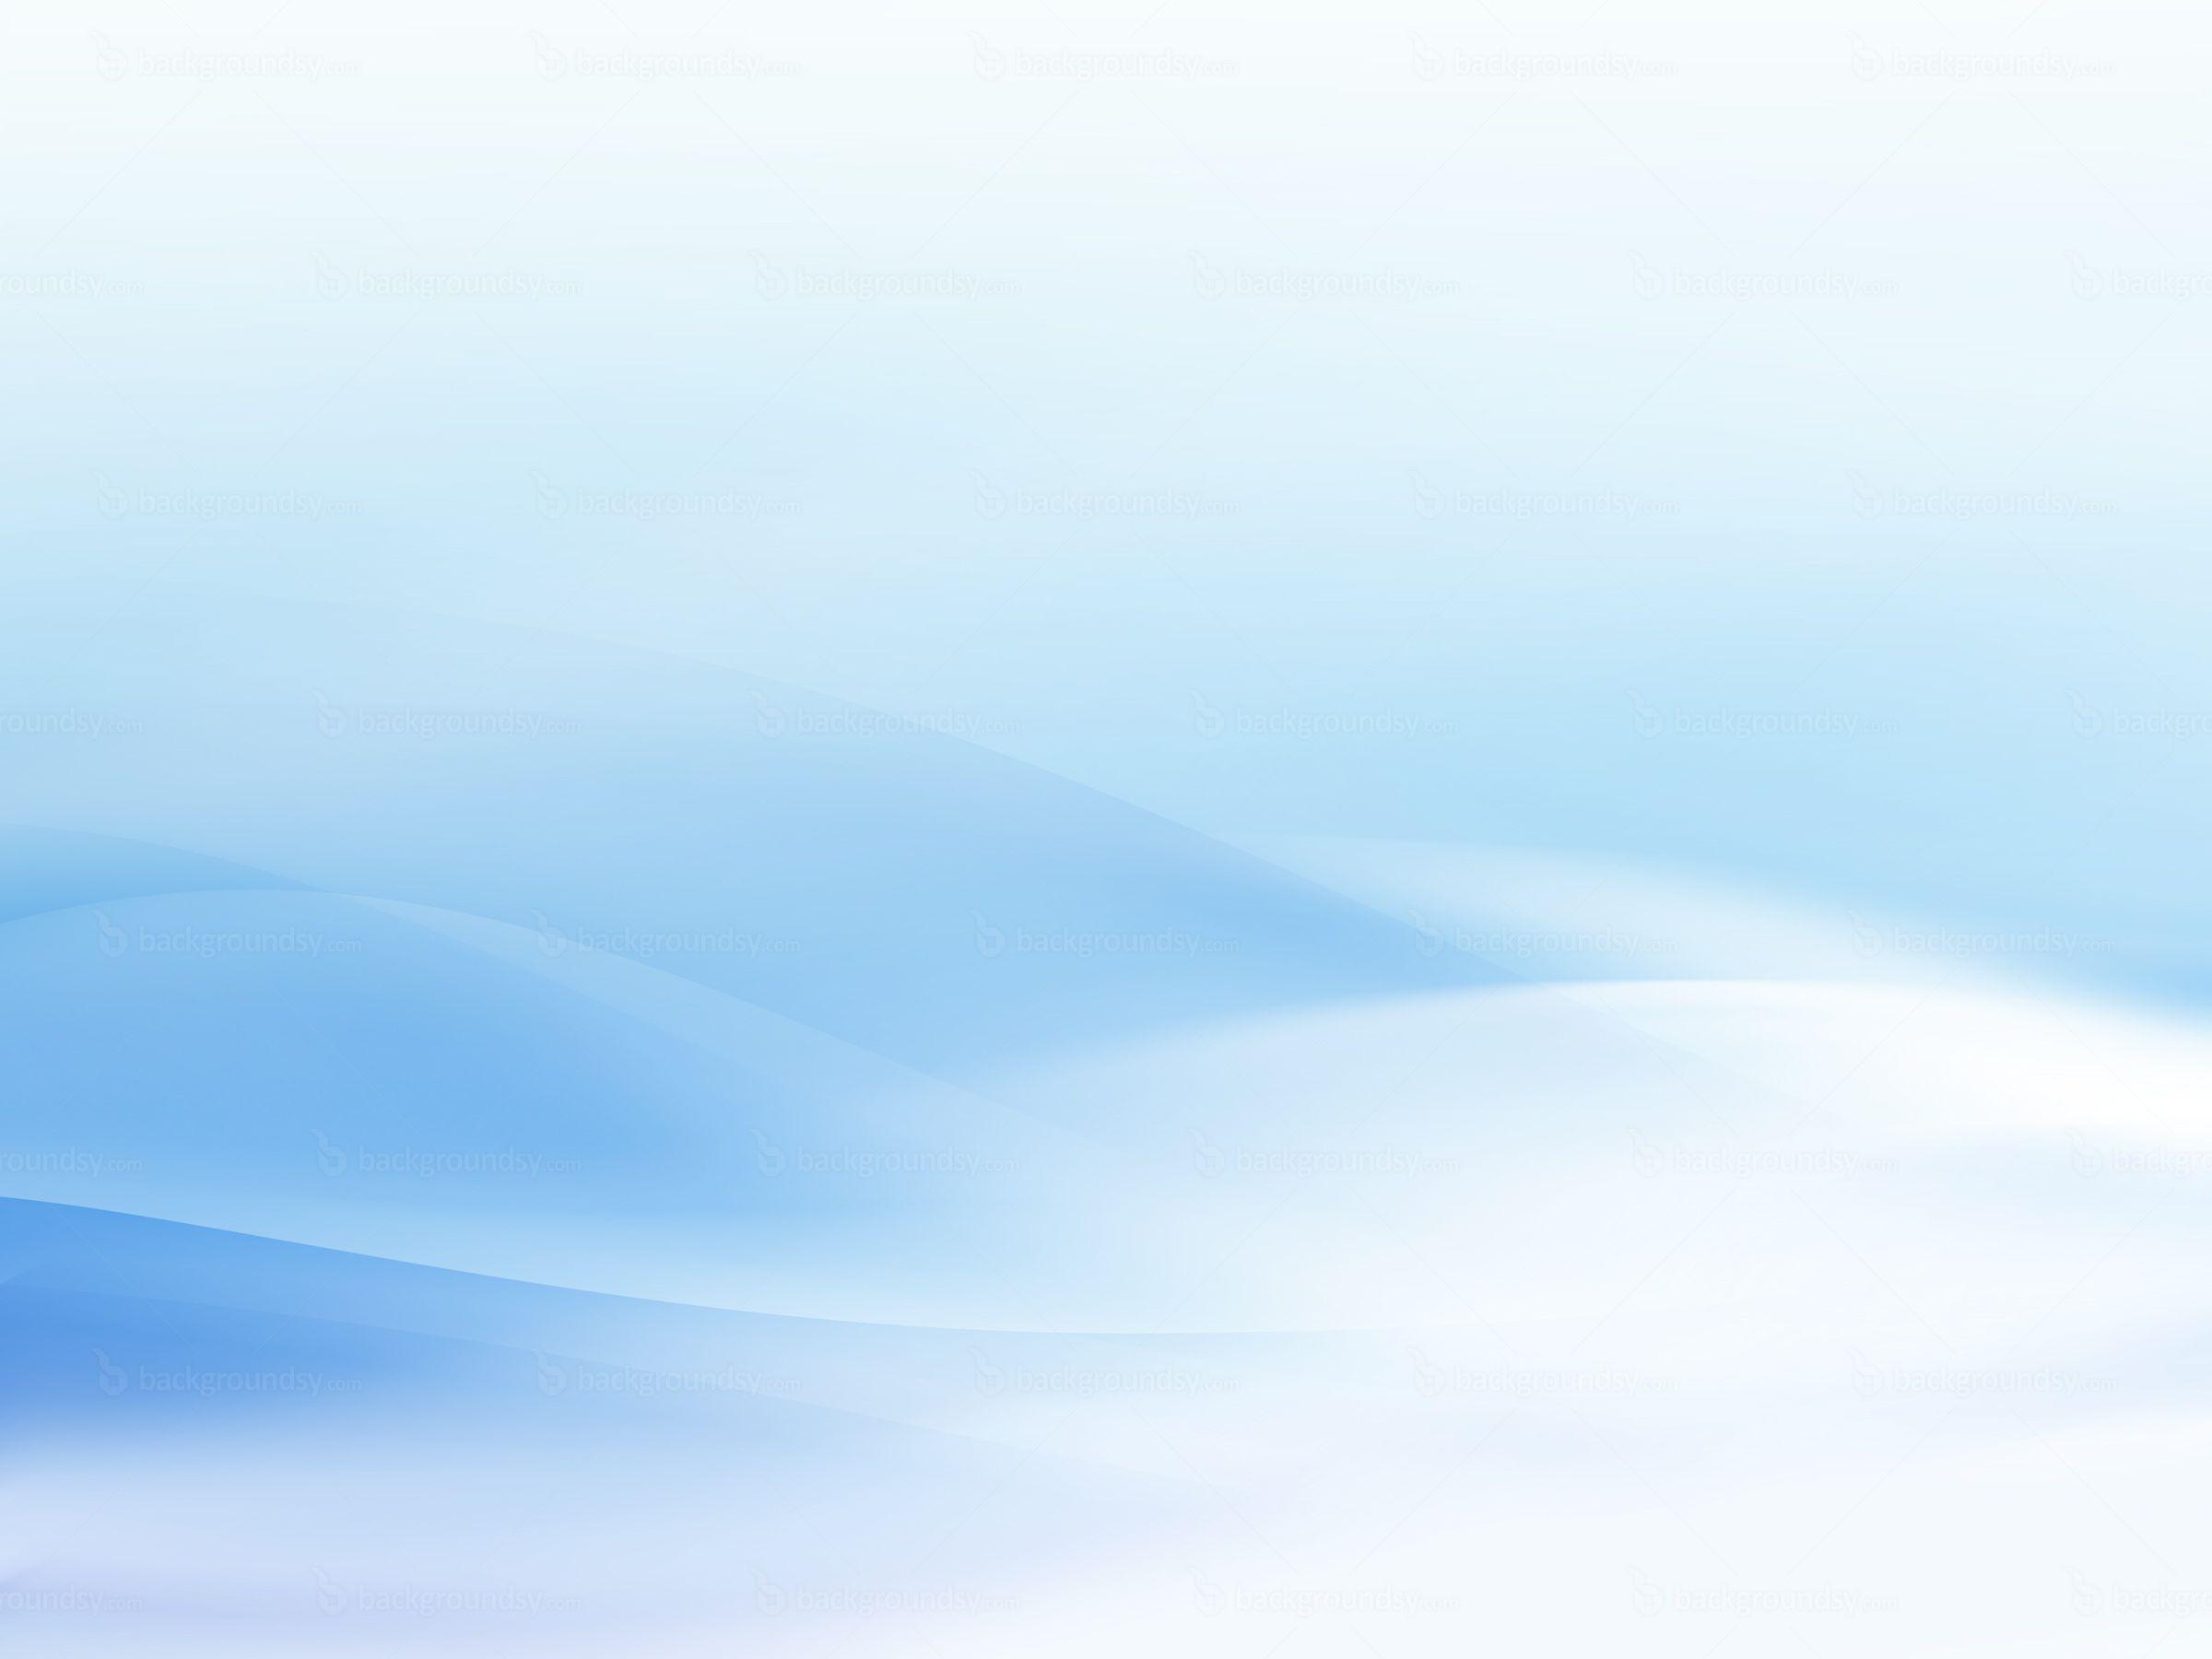 Light Blue Backgrounds Blue background images, Light